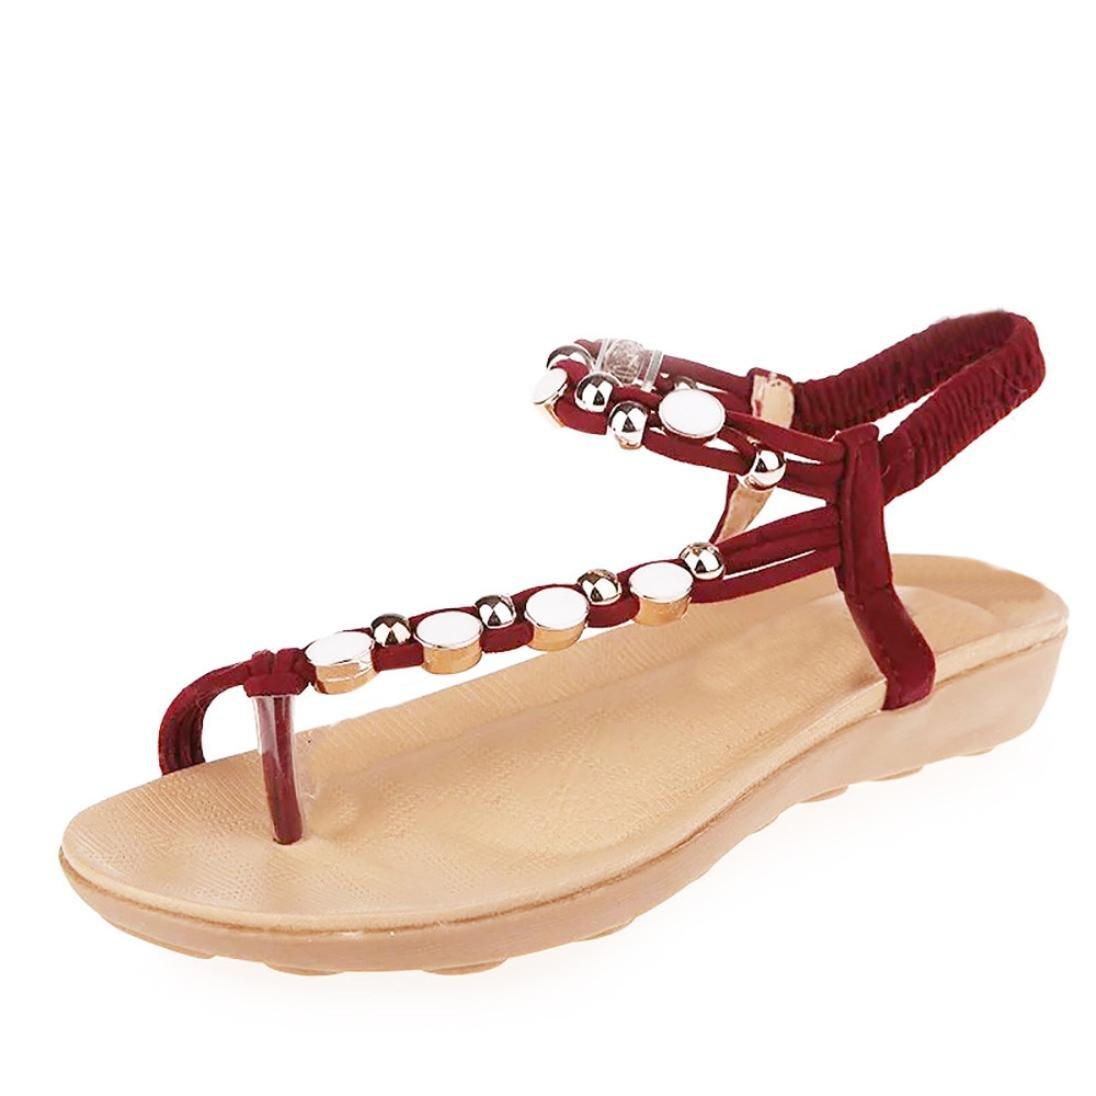 Sandalen Damen Sommer Elegant Bouml;hmen Blumen-Perlen Flip-Flop Schuhe Flache Sandalen Schuhe Mode Strandschuhe Zehentrenner Pantoletten Riemchensandalen  39 EU|D